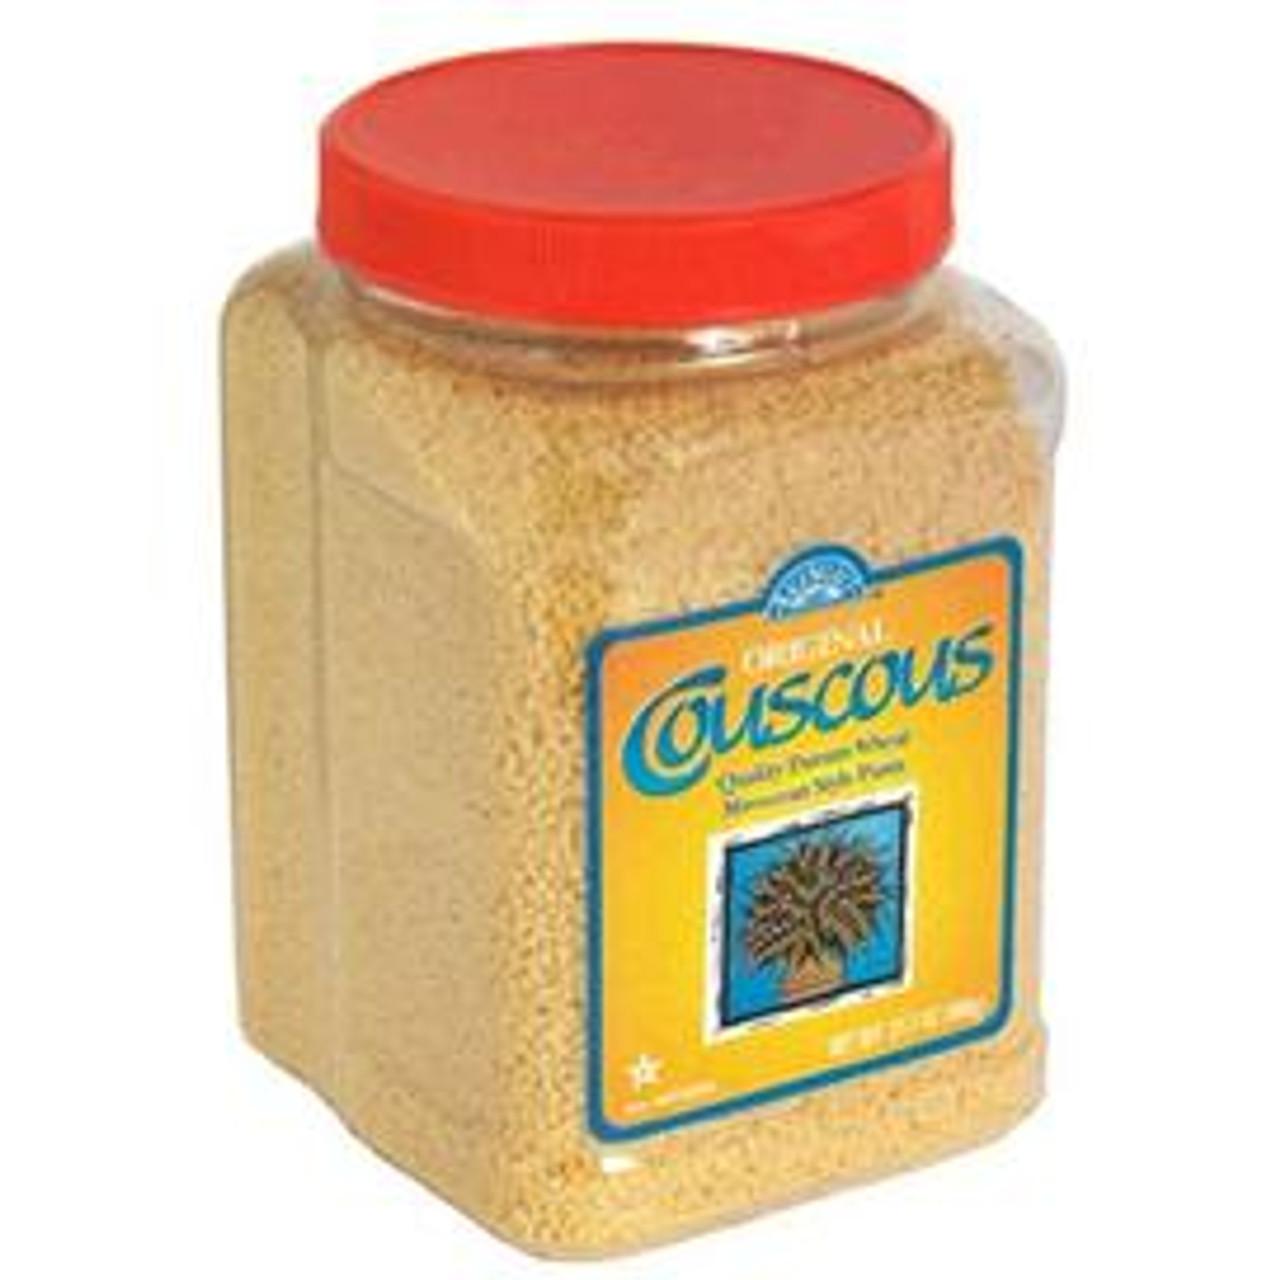 Original Couscous